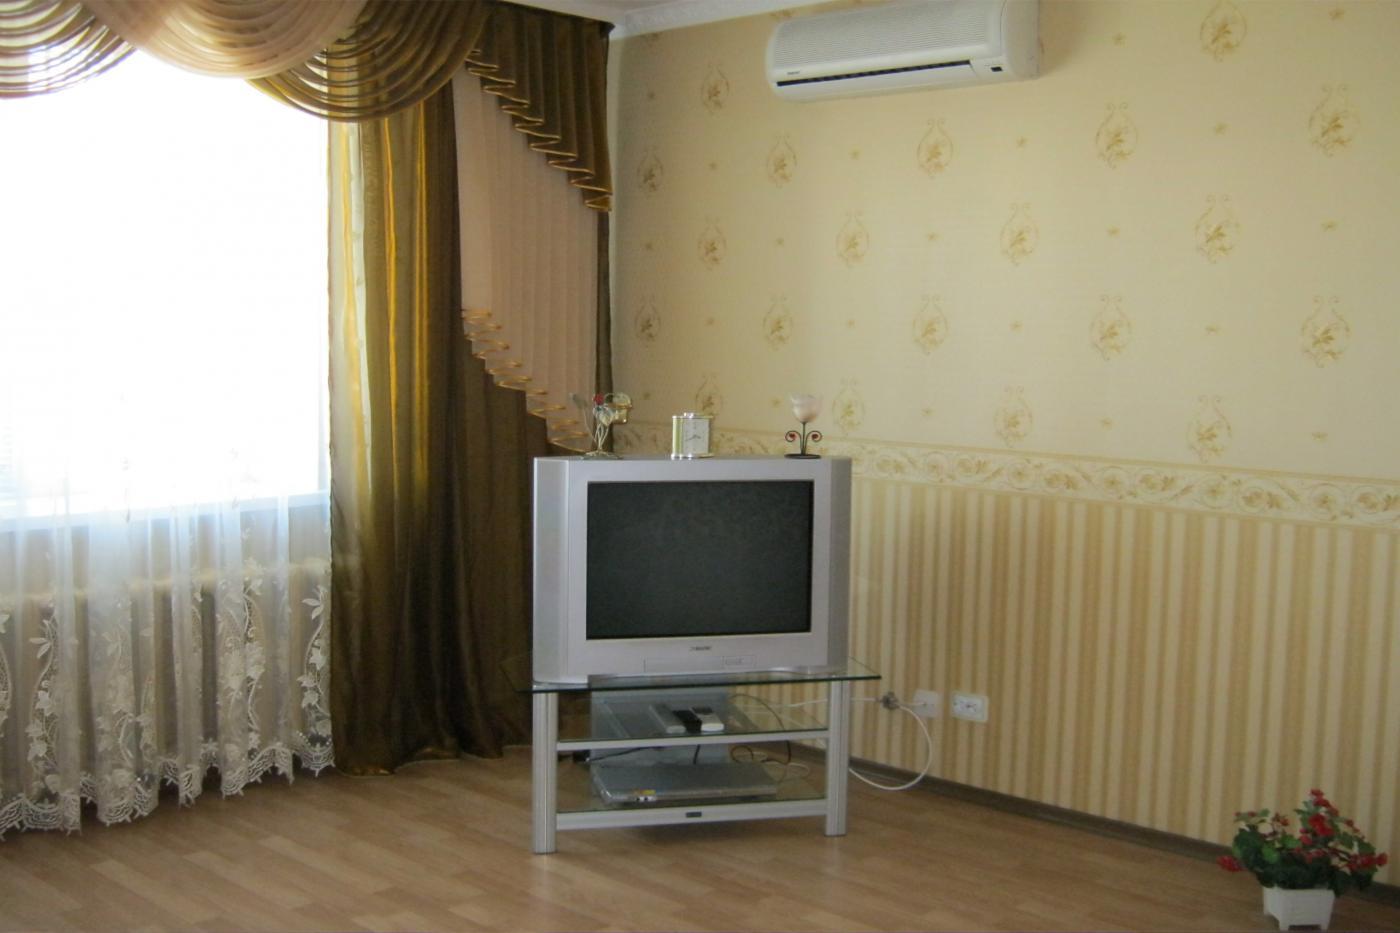 3-комнатная квартира посуточно (вариант № 1546), ул. Героев Сталинграда проспект, фото № 6